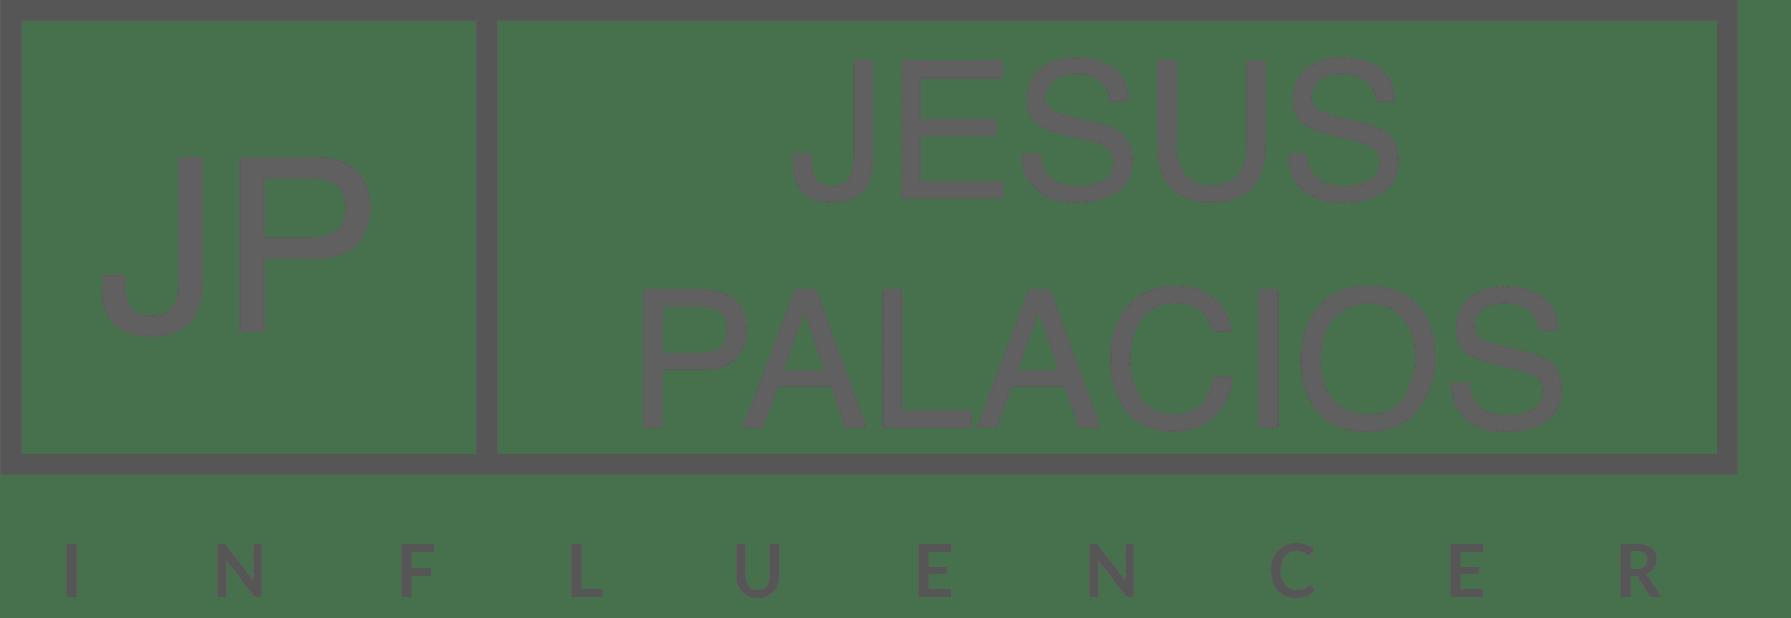 jesus palacios